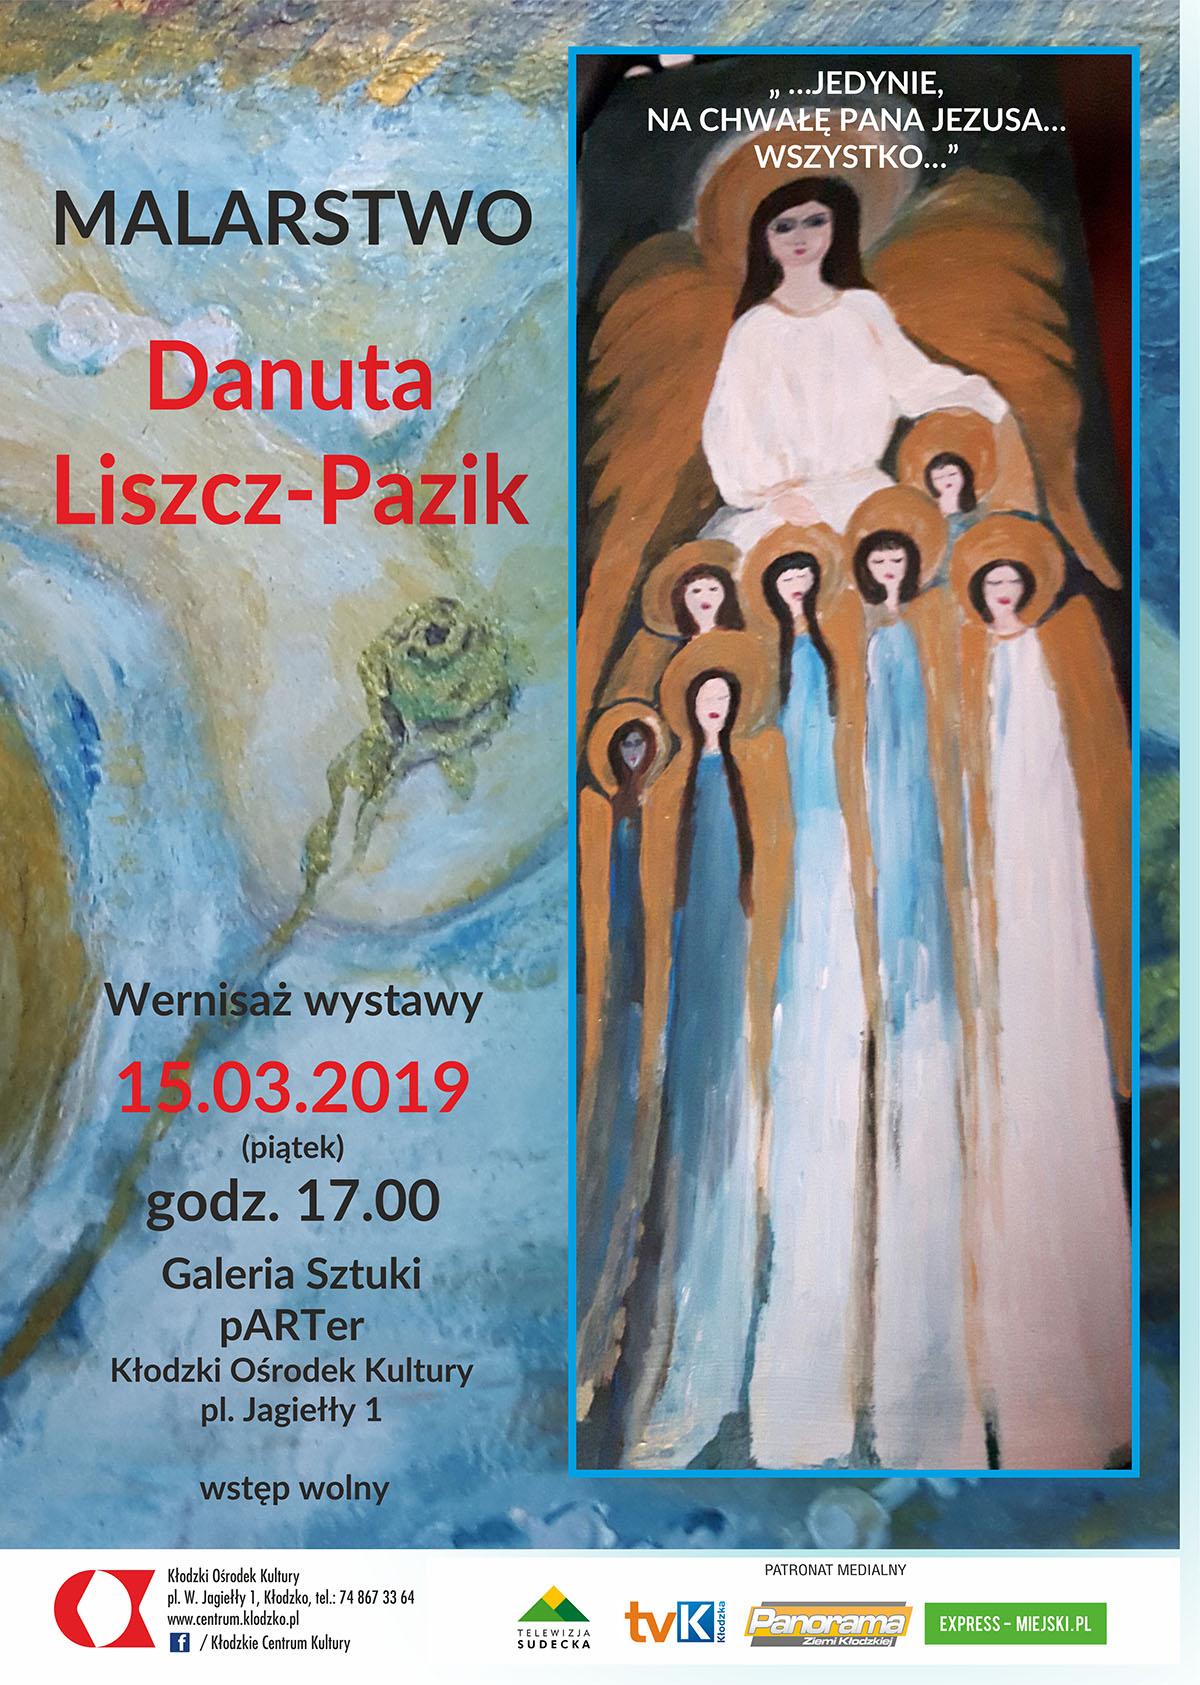 plakat_wernisaz_danuta_liszcz_wystawa_2019